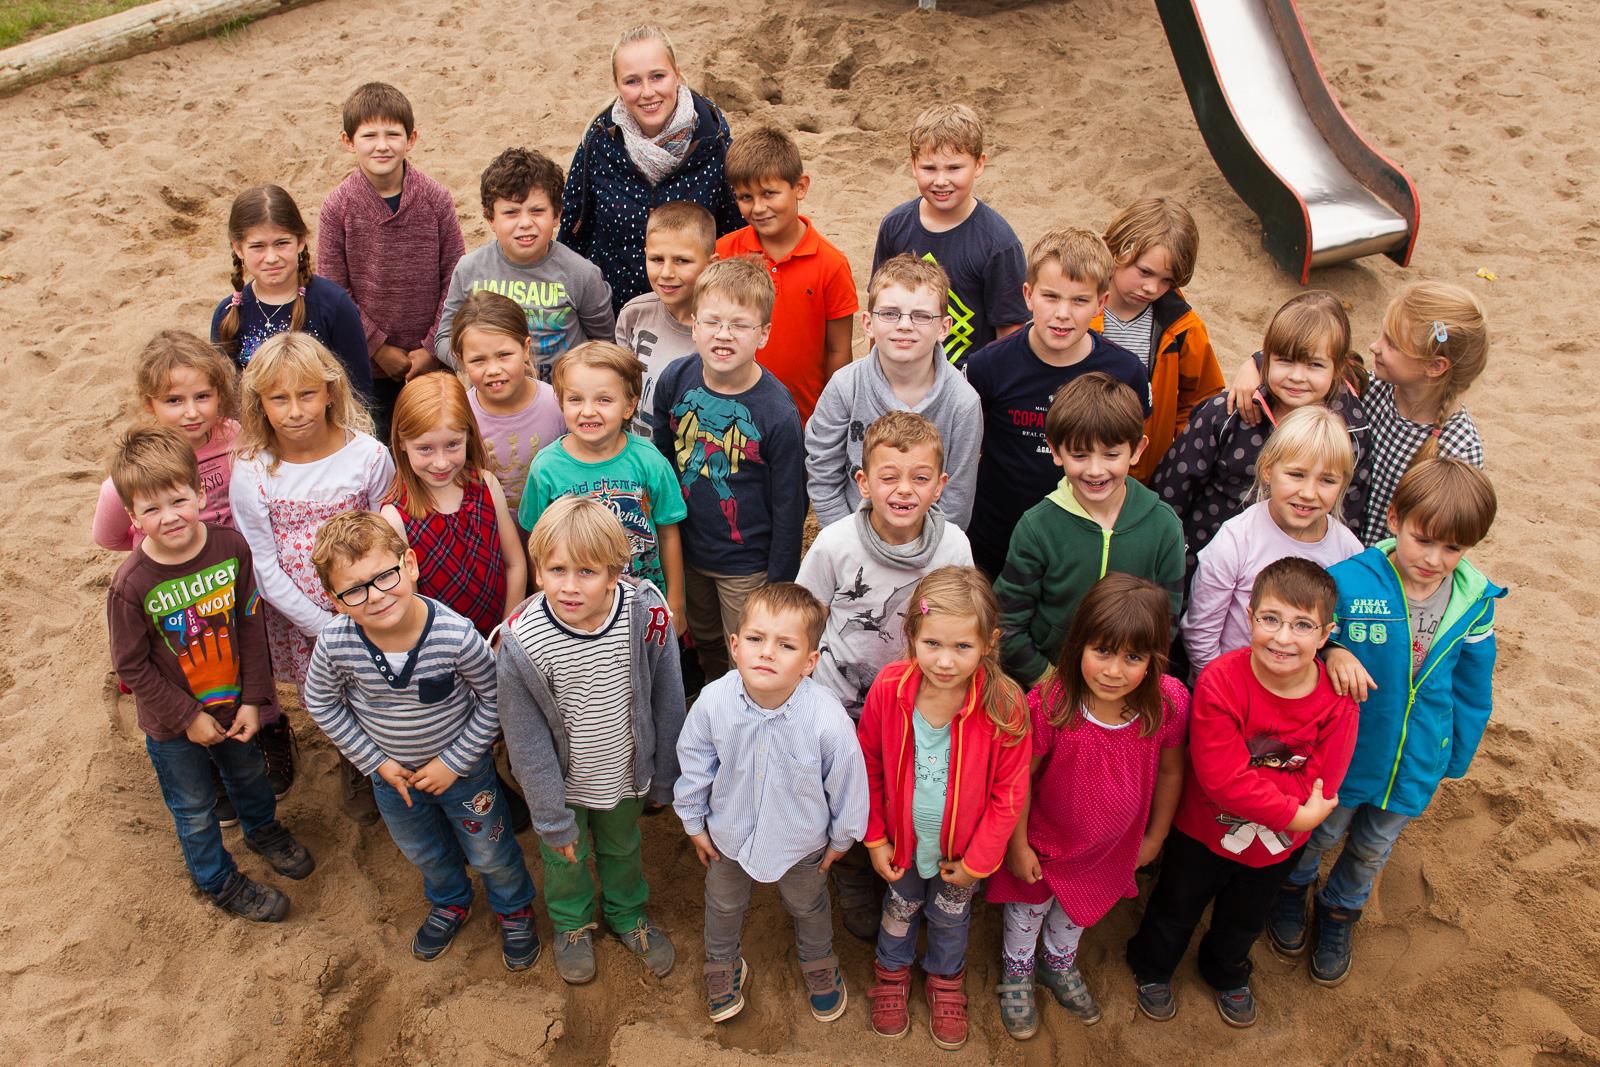 Evangelische Schule Hagenow